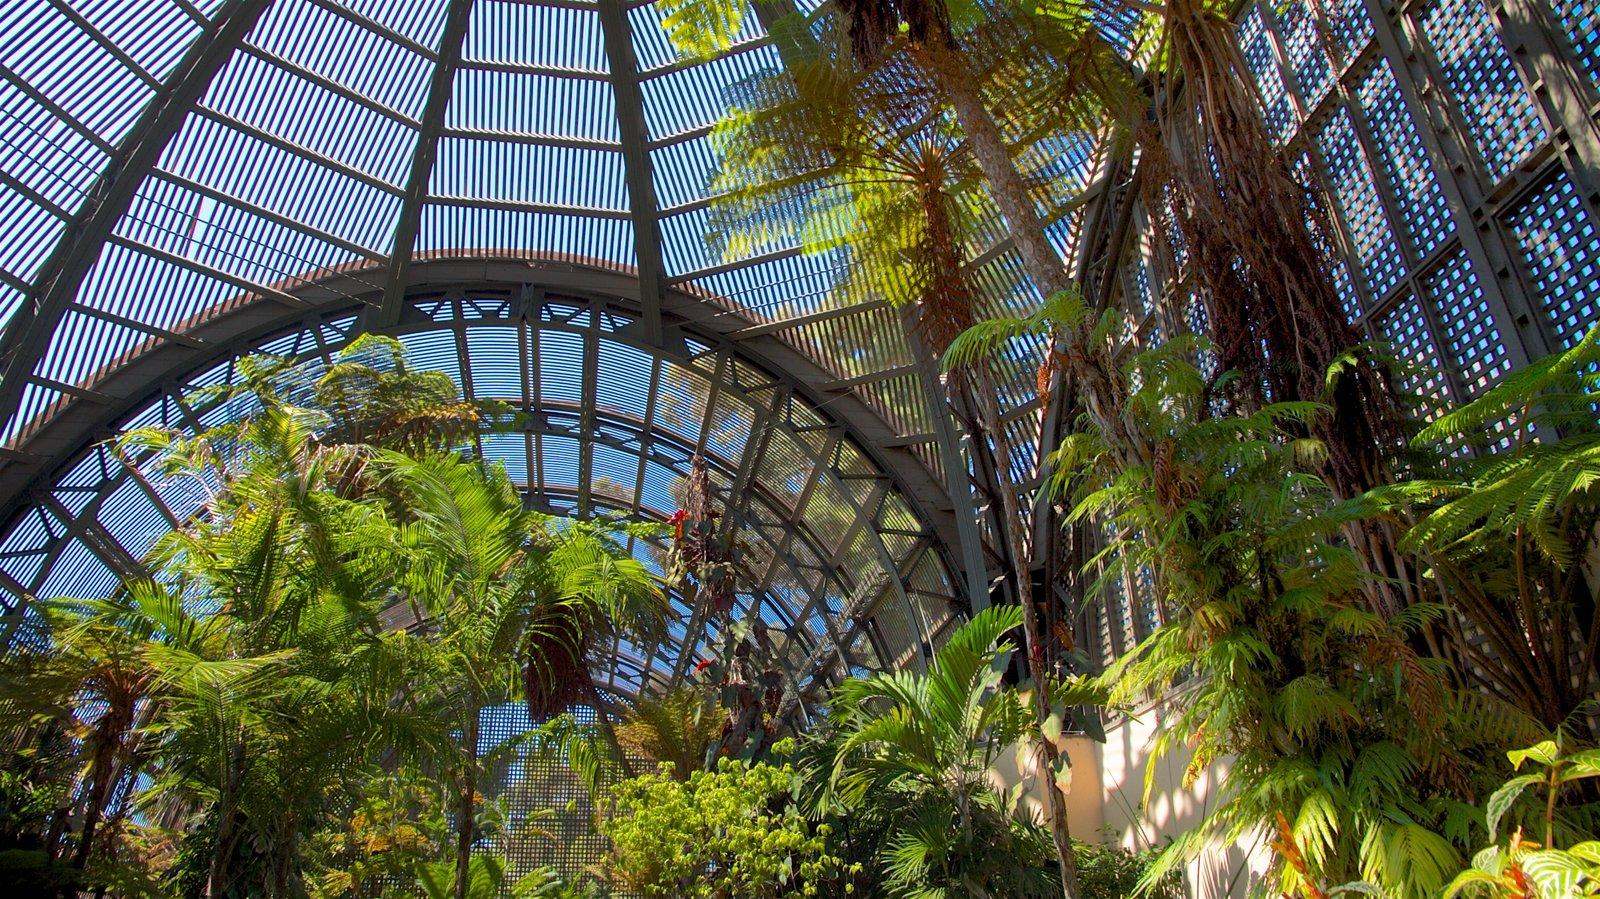 San Diego mostrando um jardim e vistas internas